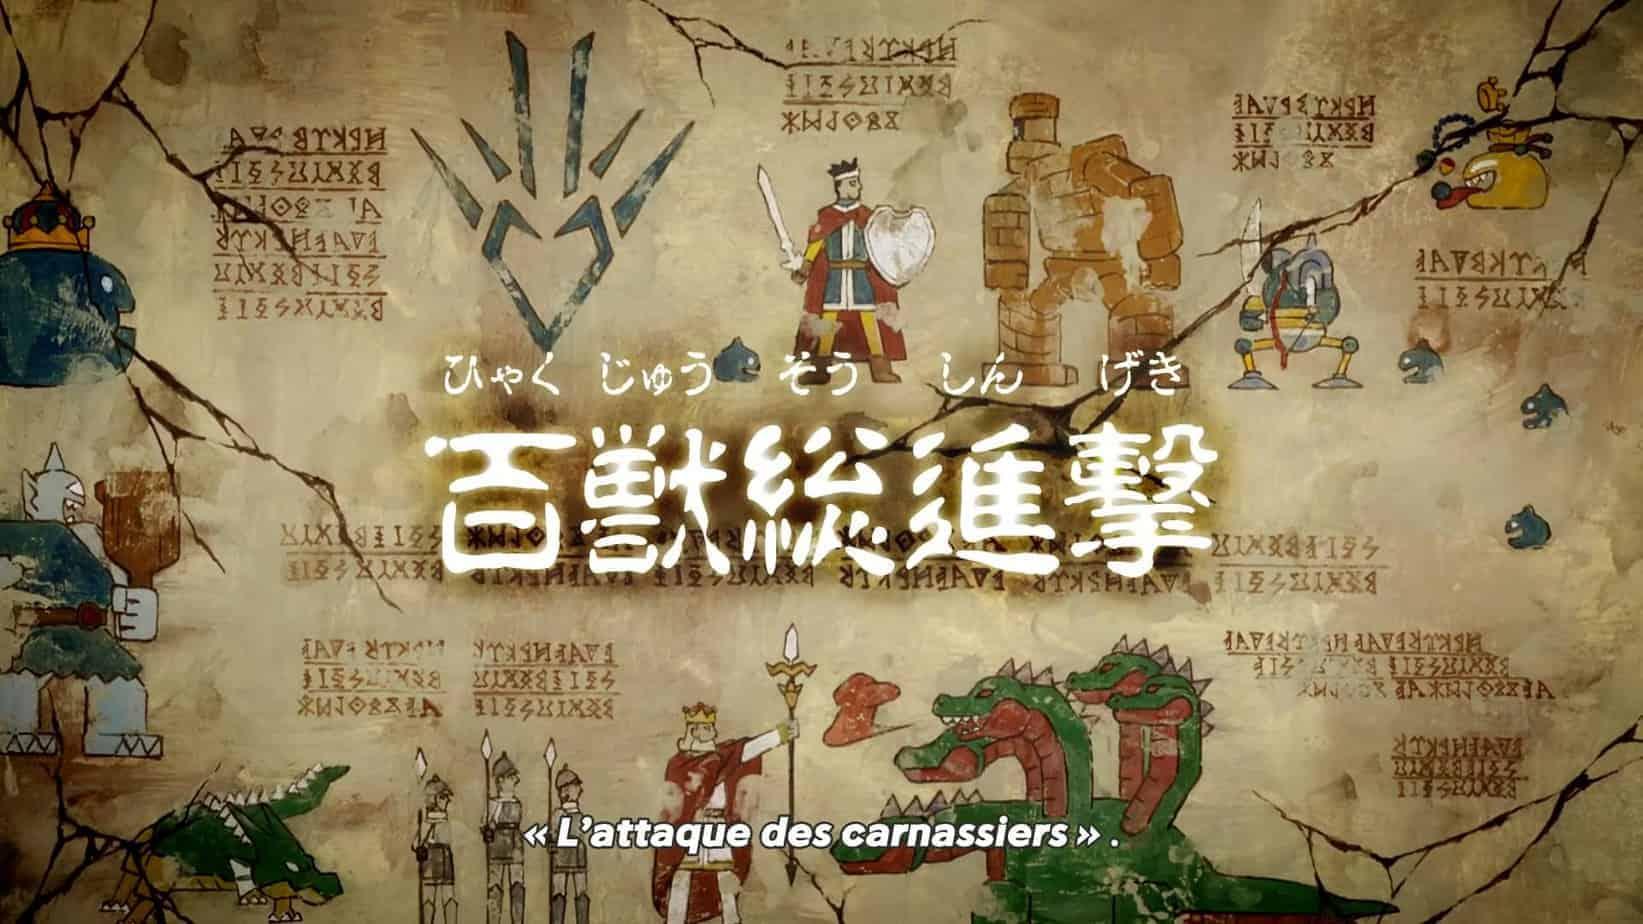 DRAGON QUEST: The Adventure of Daï épisode 8 vostfr L'attaque des carnassiers 24